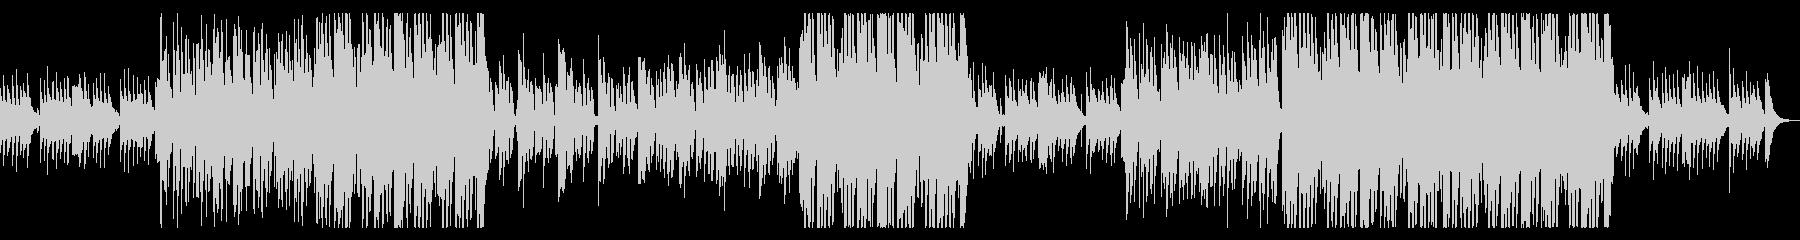 切ない洋楽風のシンセポップな曲の未再生の波形